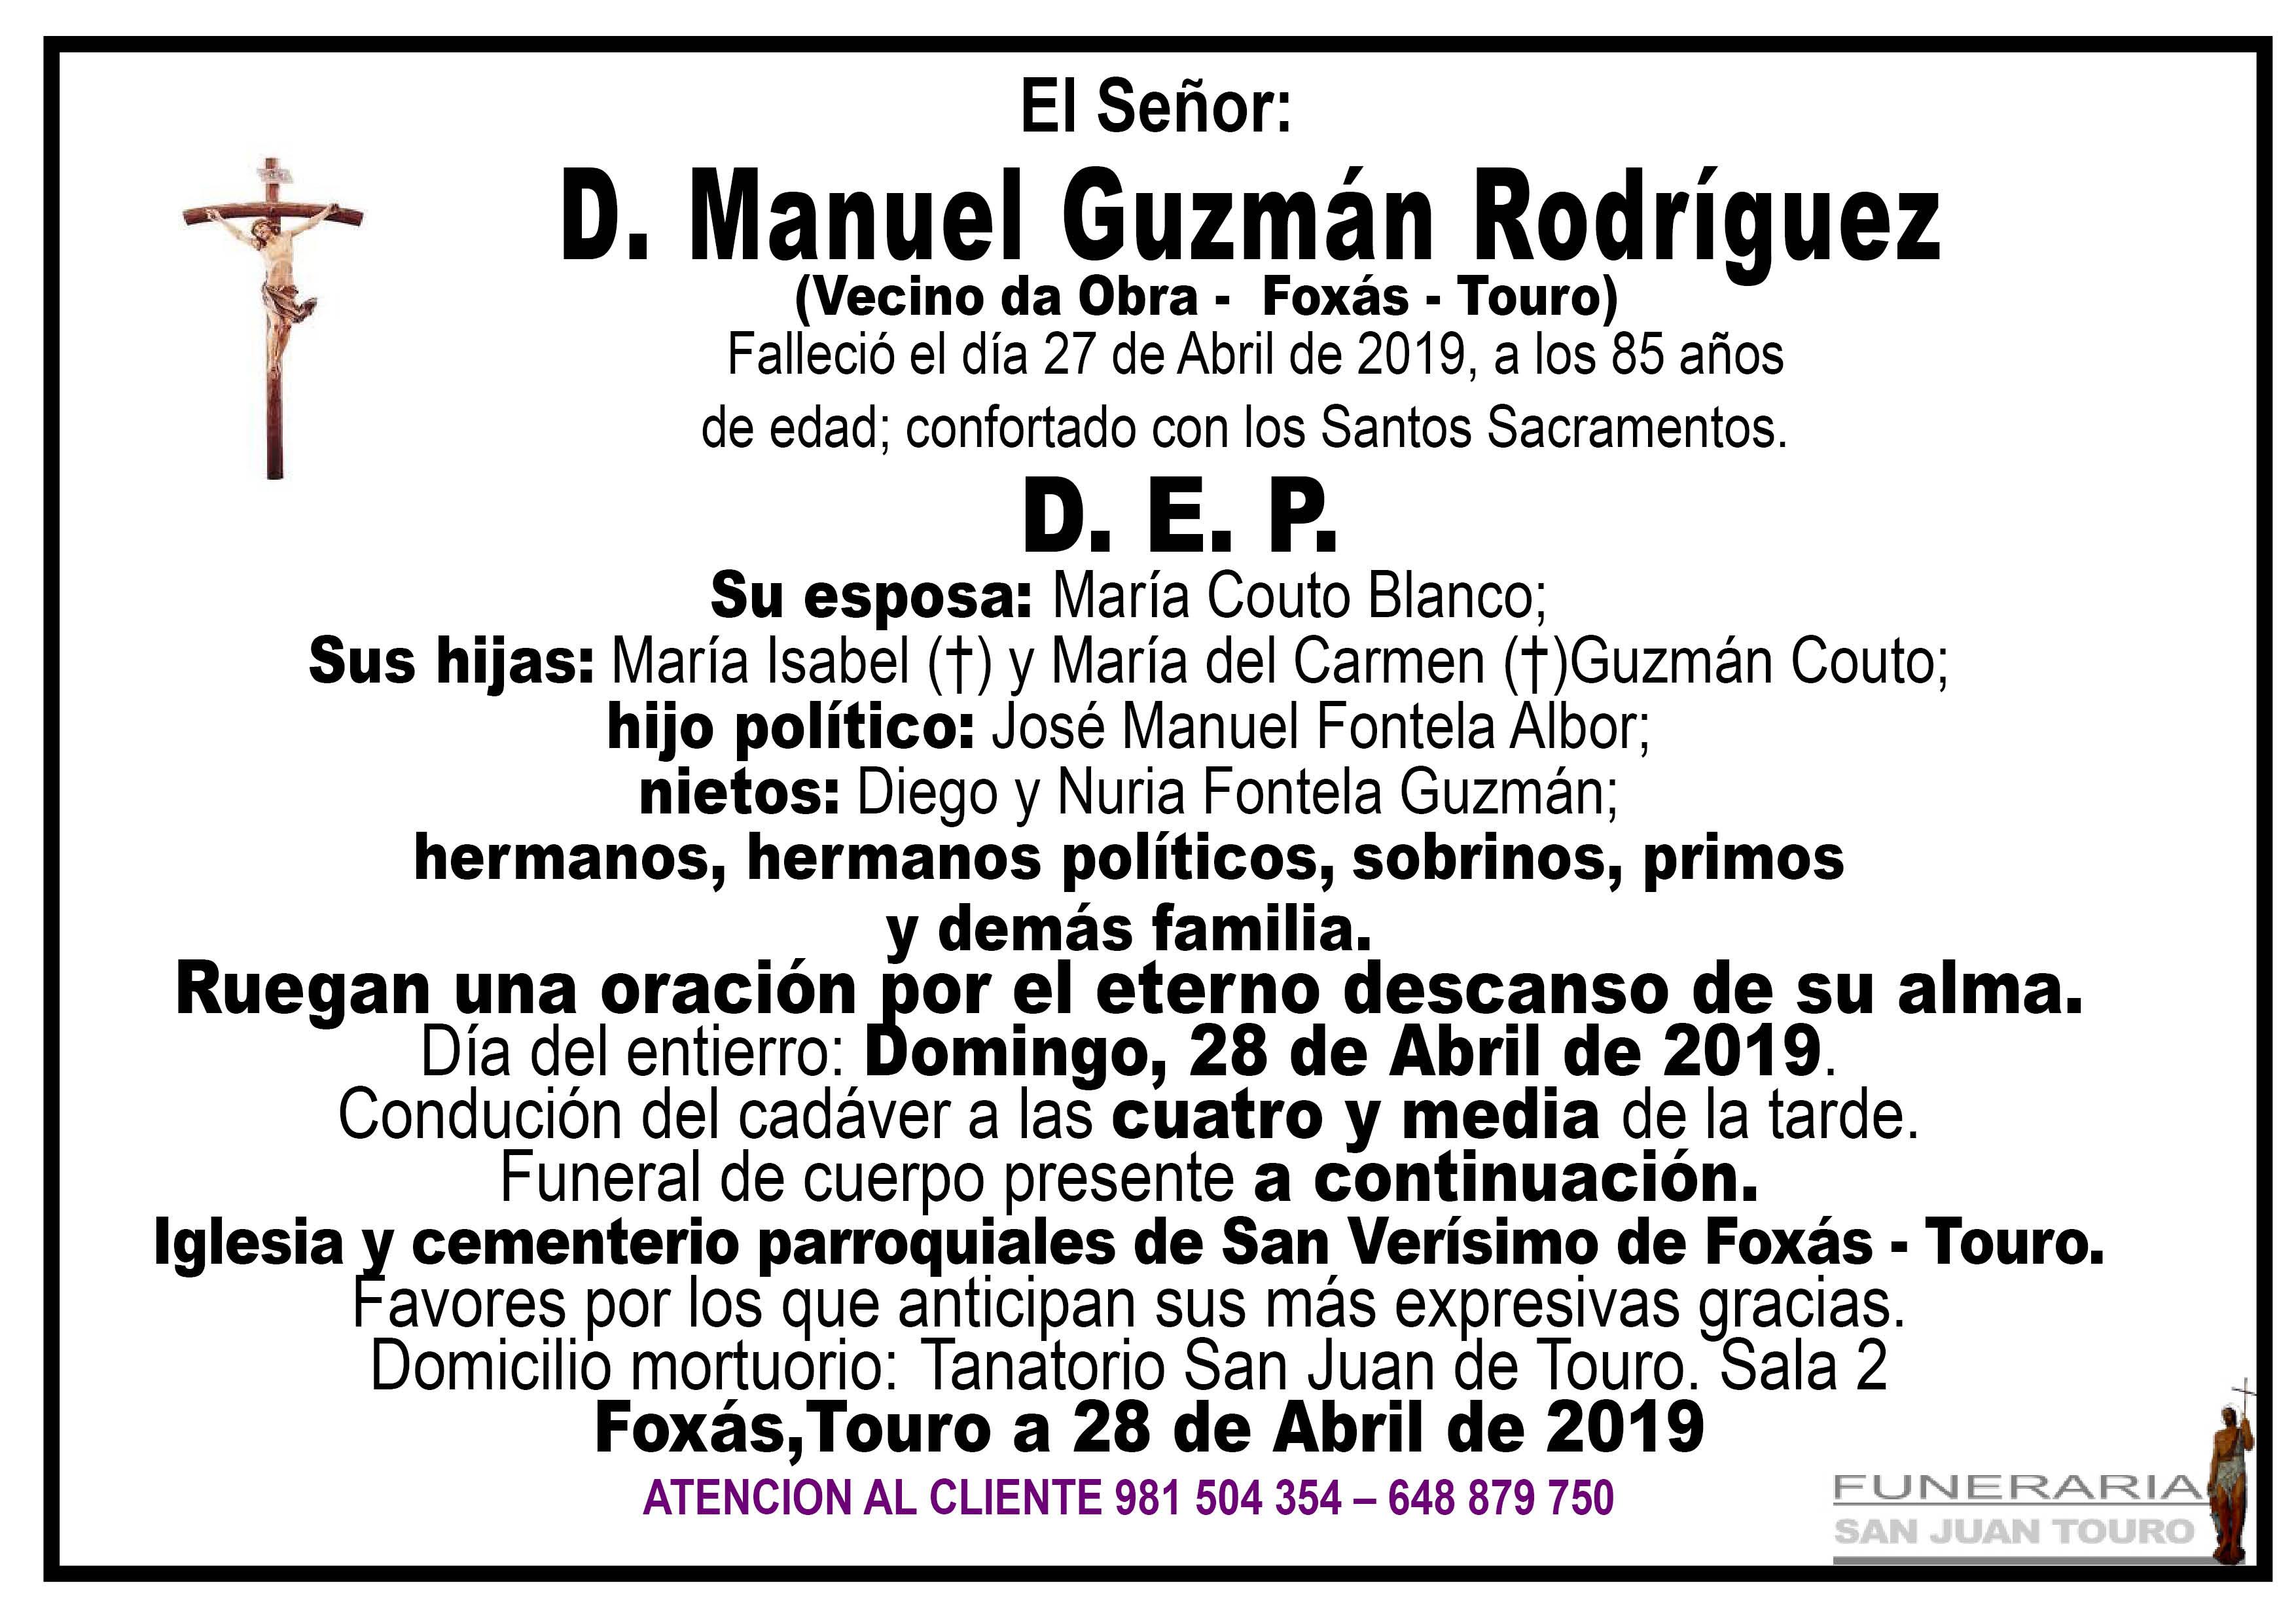 Esquela de SEPELIO DE DON MANUEL GUZMÁN RODRÍGUEZ